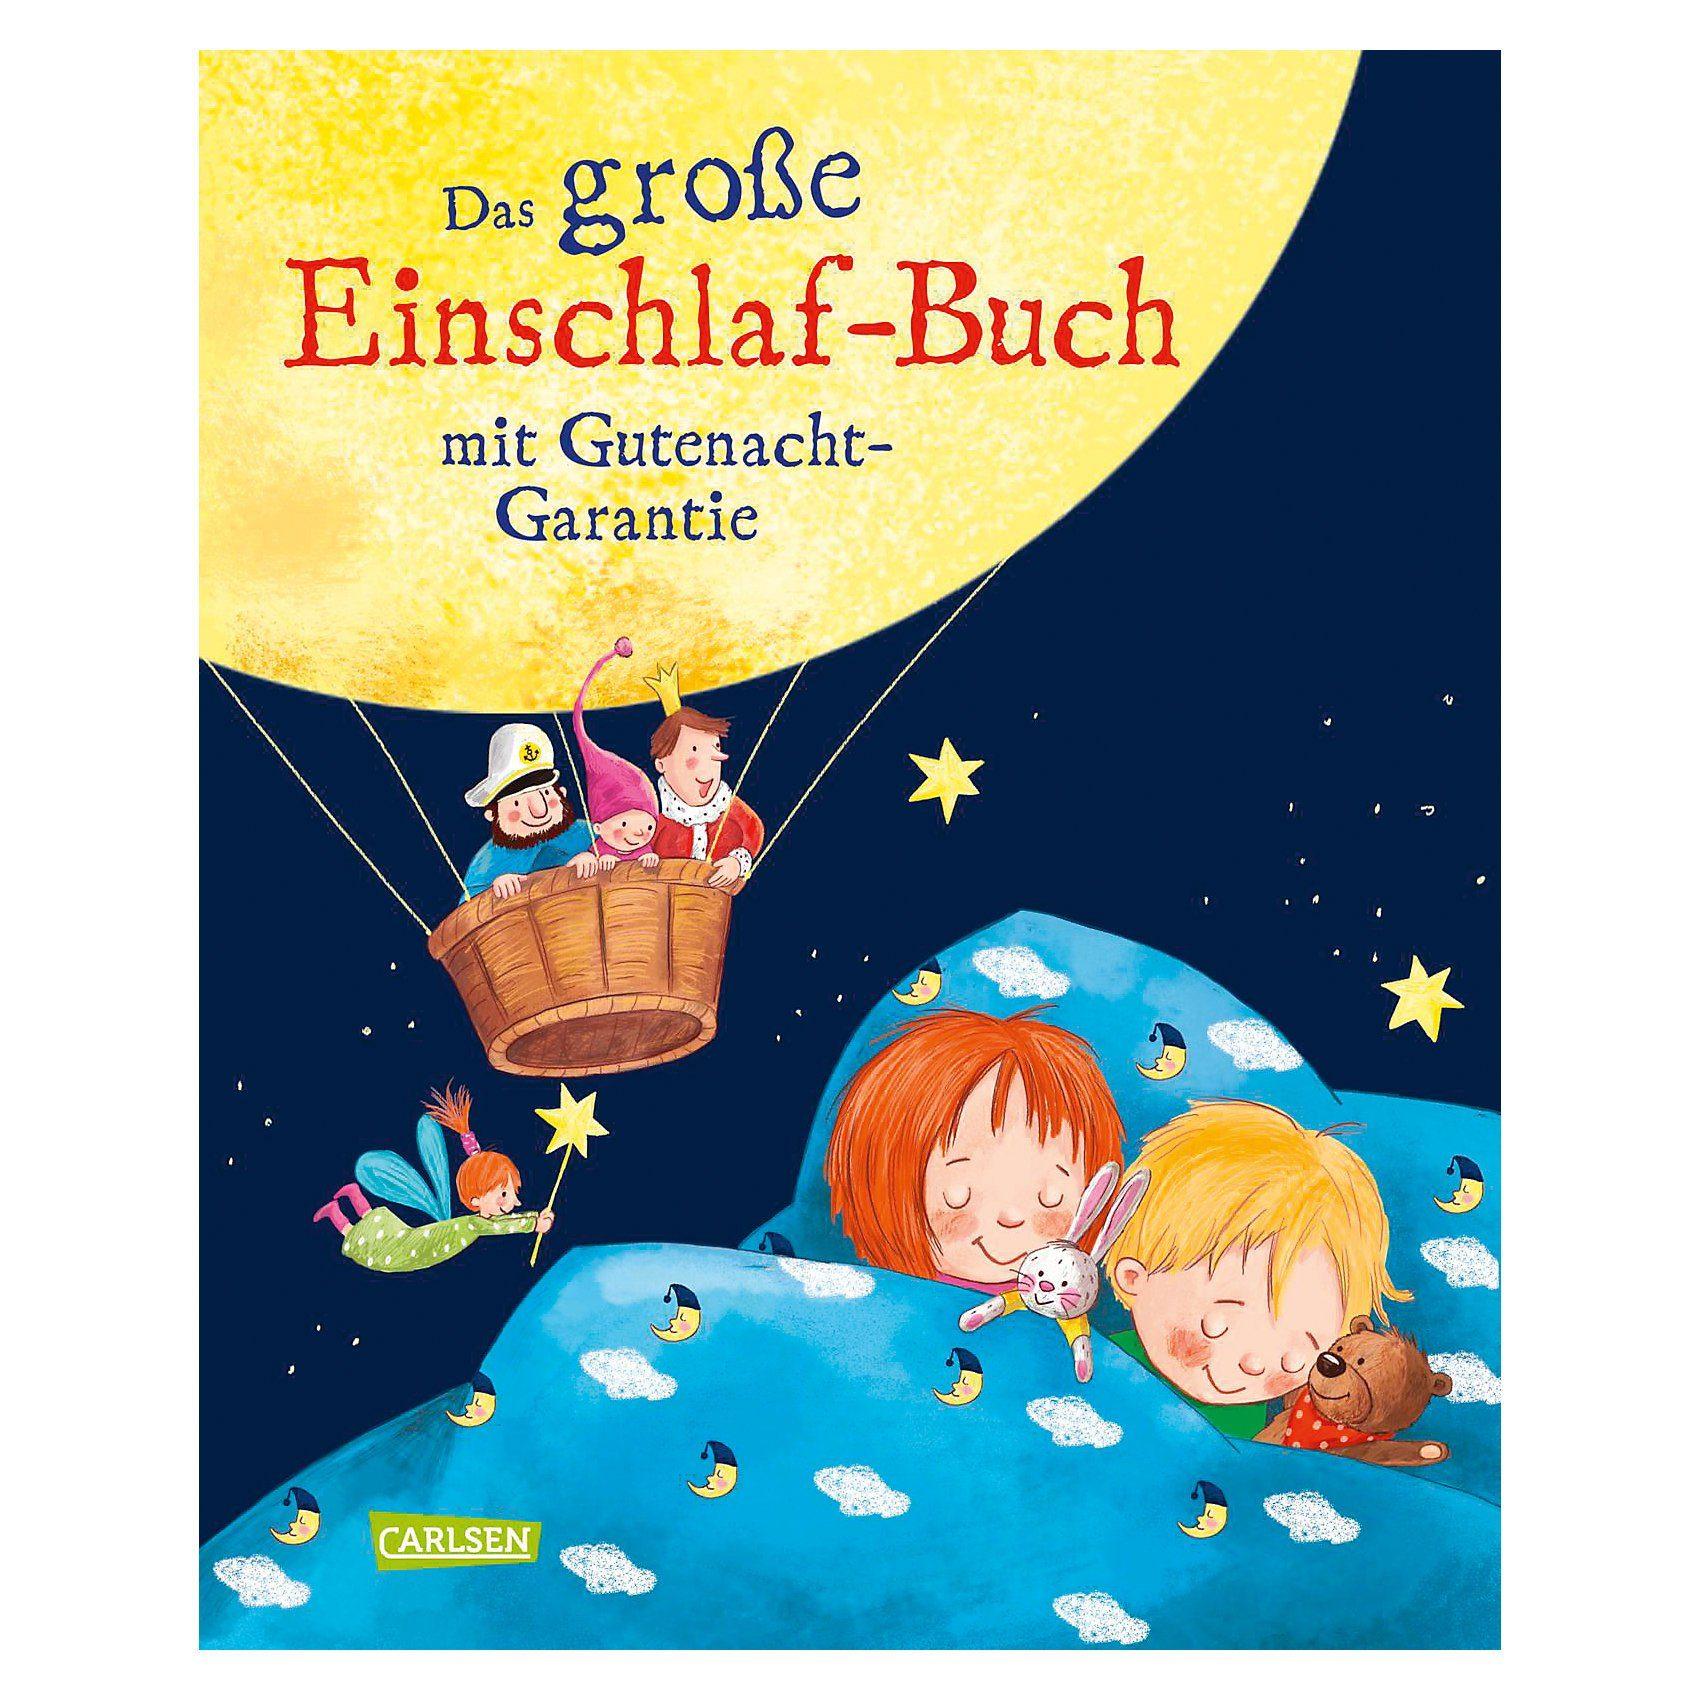 Carlsen Verlag Das große Einschlafbuch mit Gutenacht-Garantie